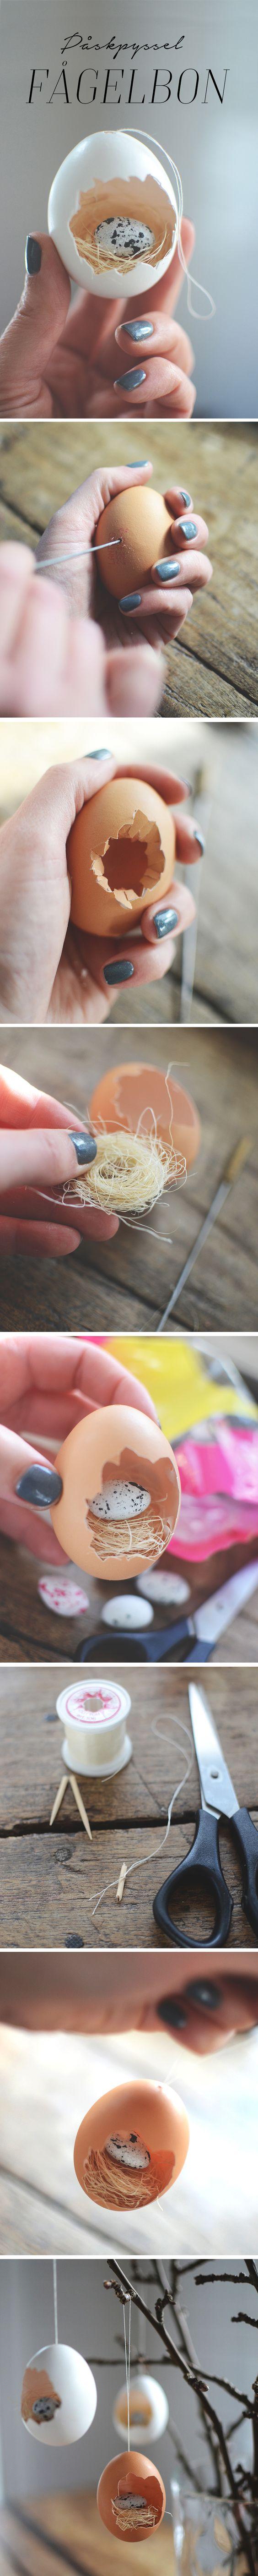 Påskpyssel_göra små fågelbon av ägg till påskriset. Easter craft, easter DIY_ making small bird nests in eggshells_@helenalyth.se: